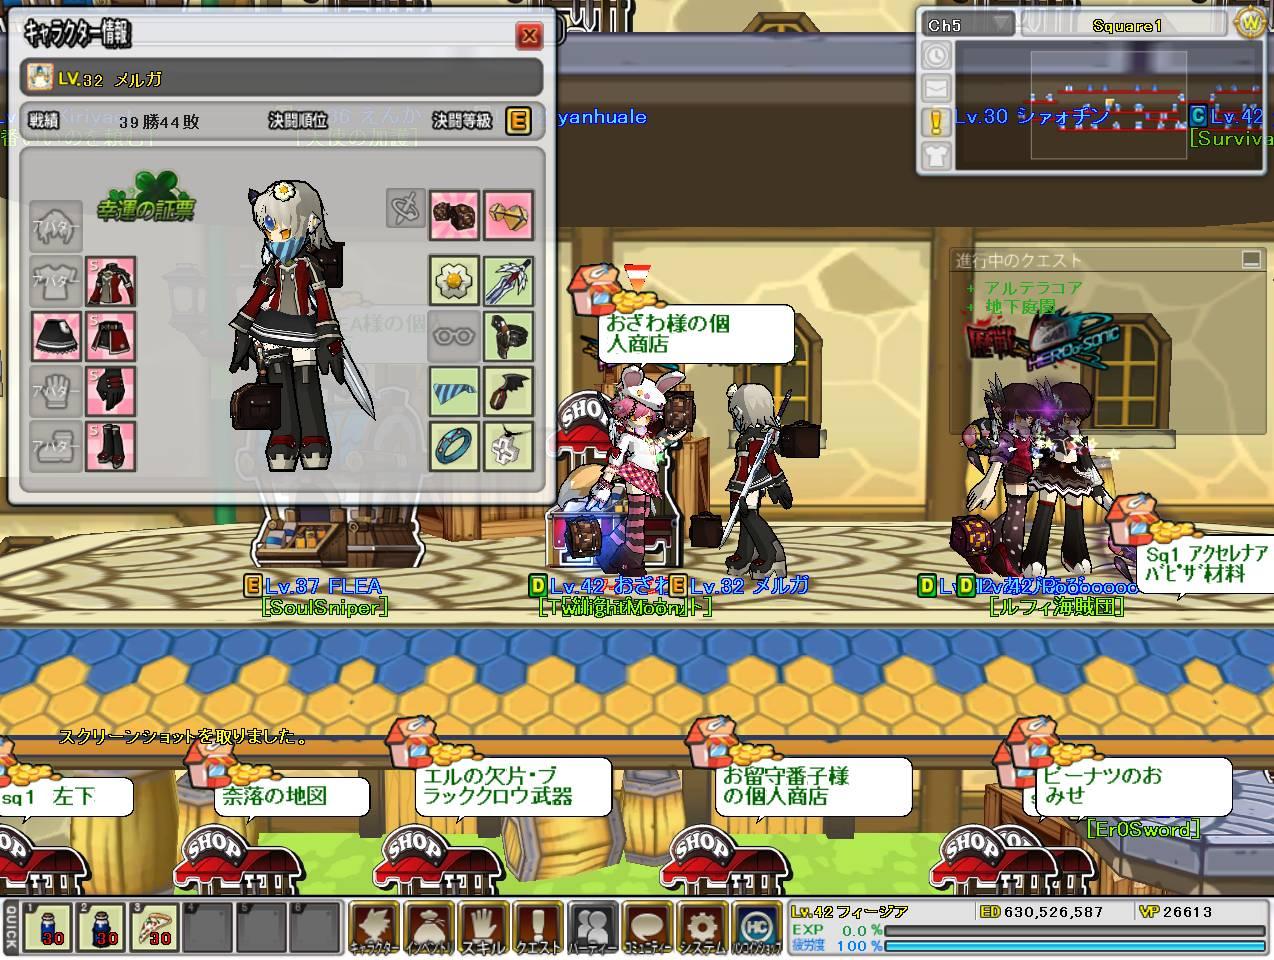 SC_2010_10_18_15_24_56_.jpg